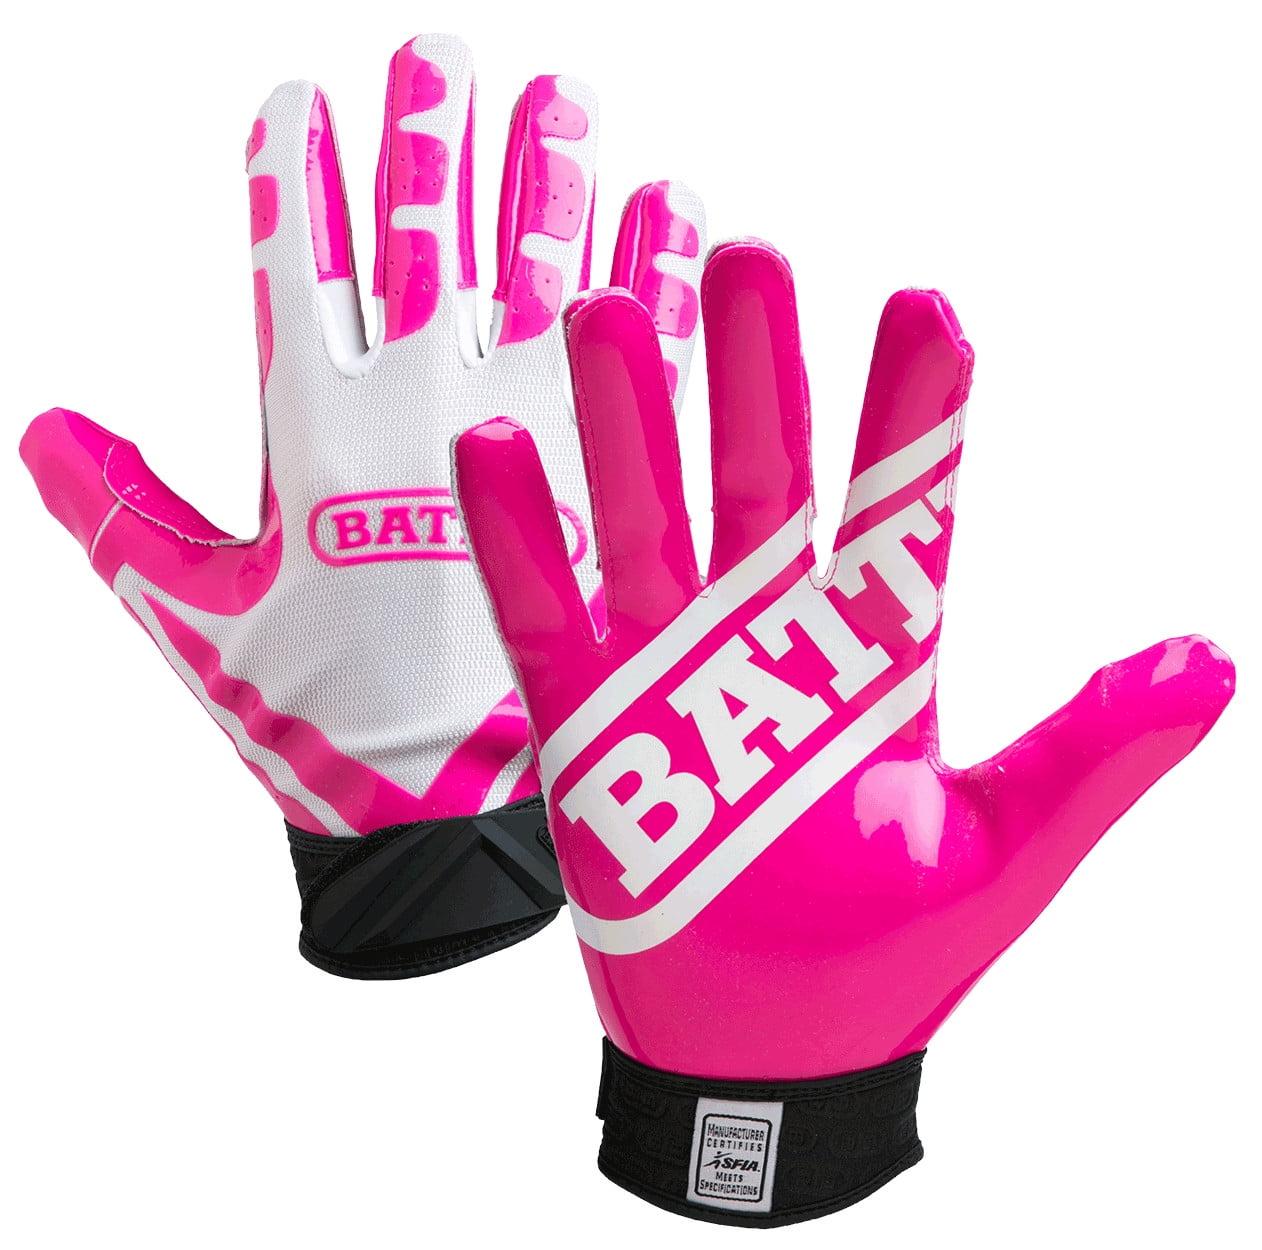 Battle Sports Ultra Stick Receivers Gloves Walmart Com